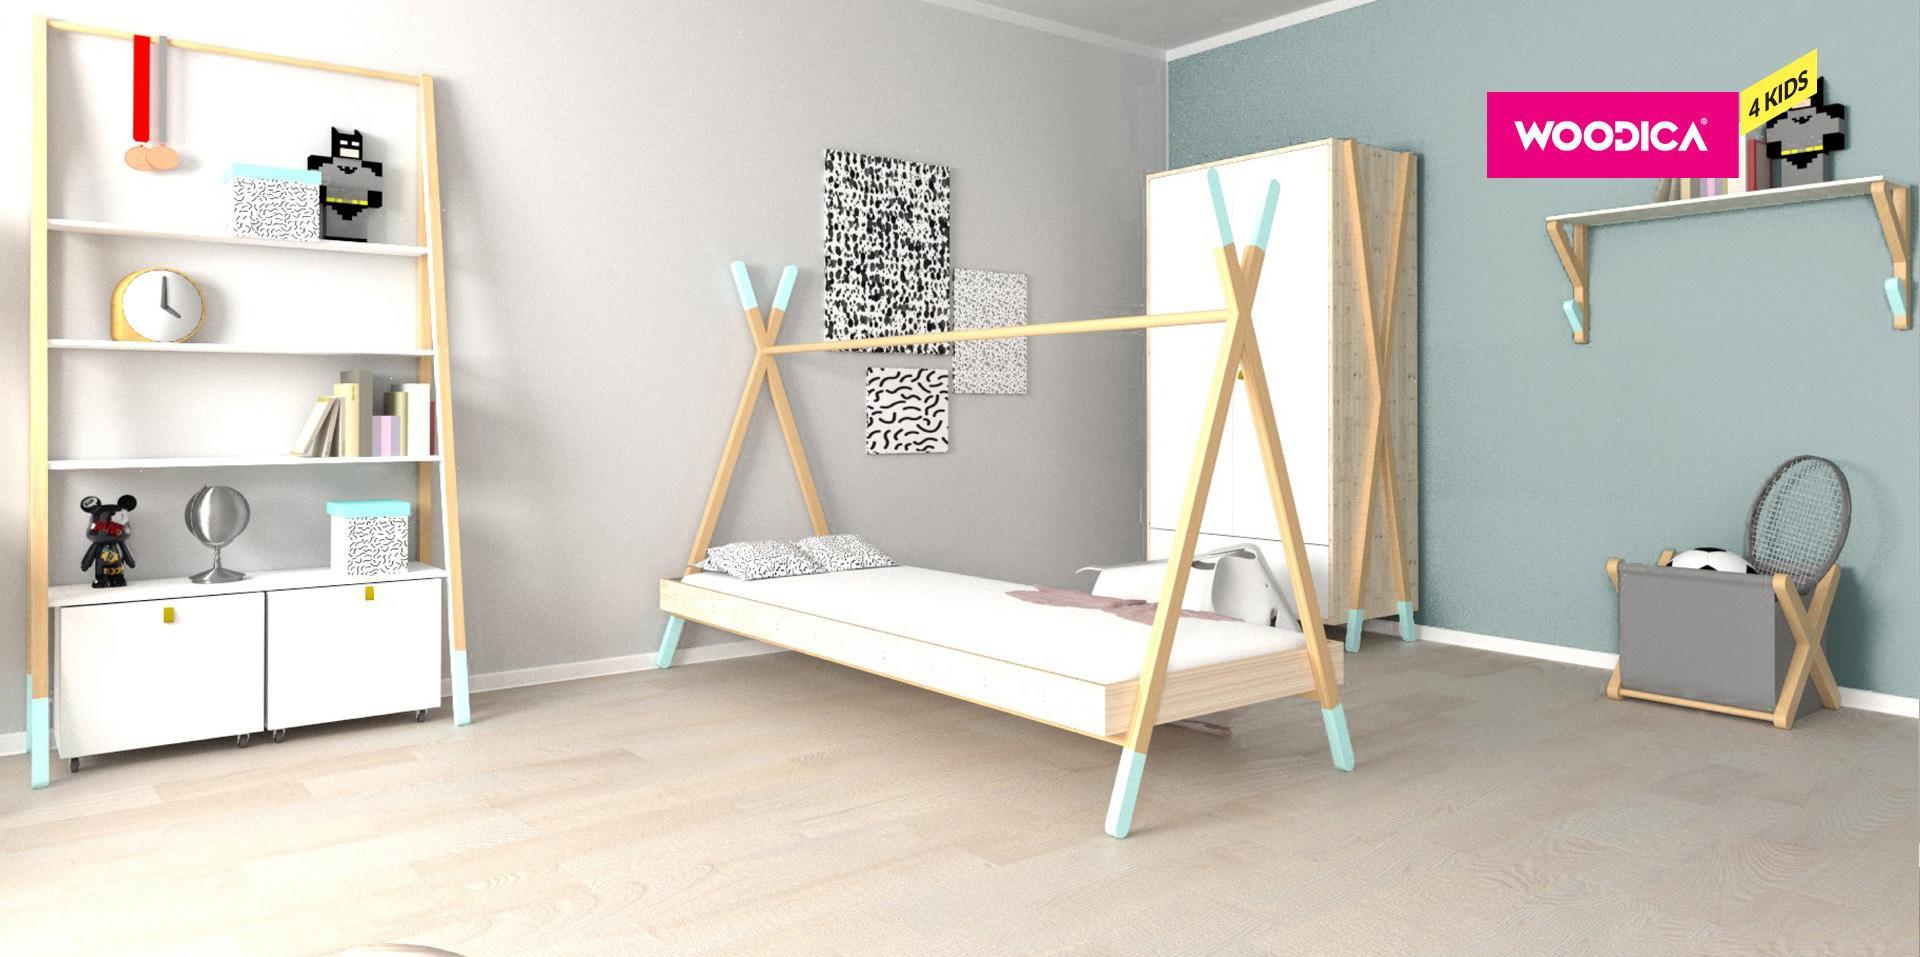 drewniane meble janki najlepsze pomys�y na wystr243j domu